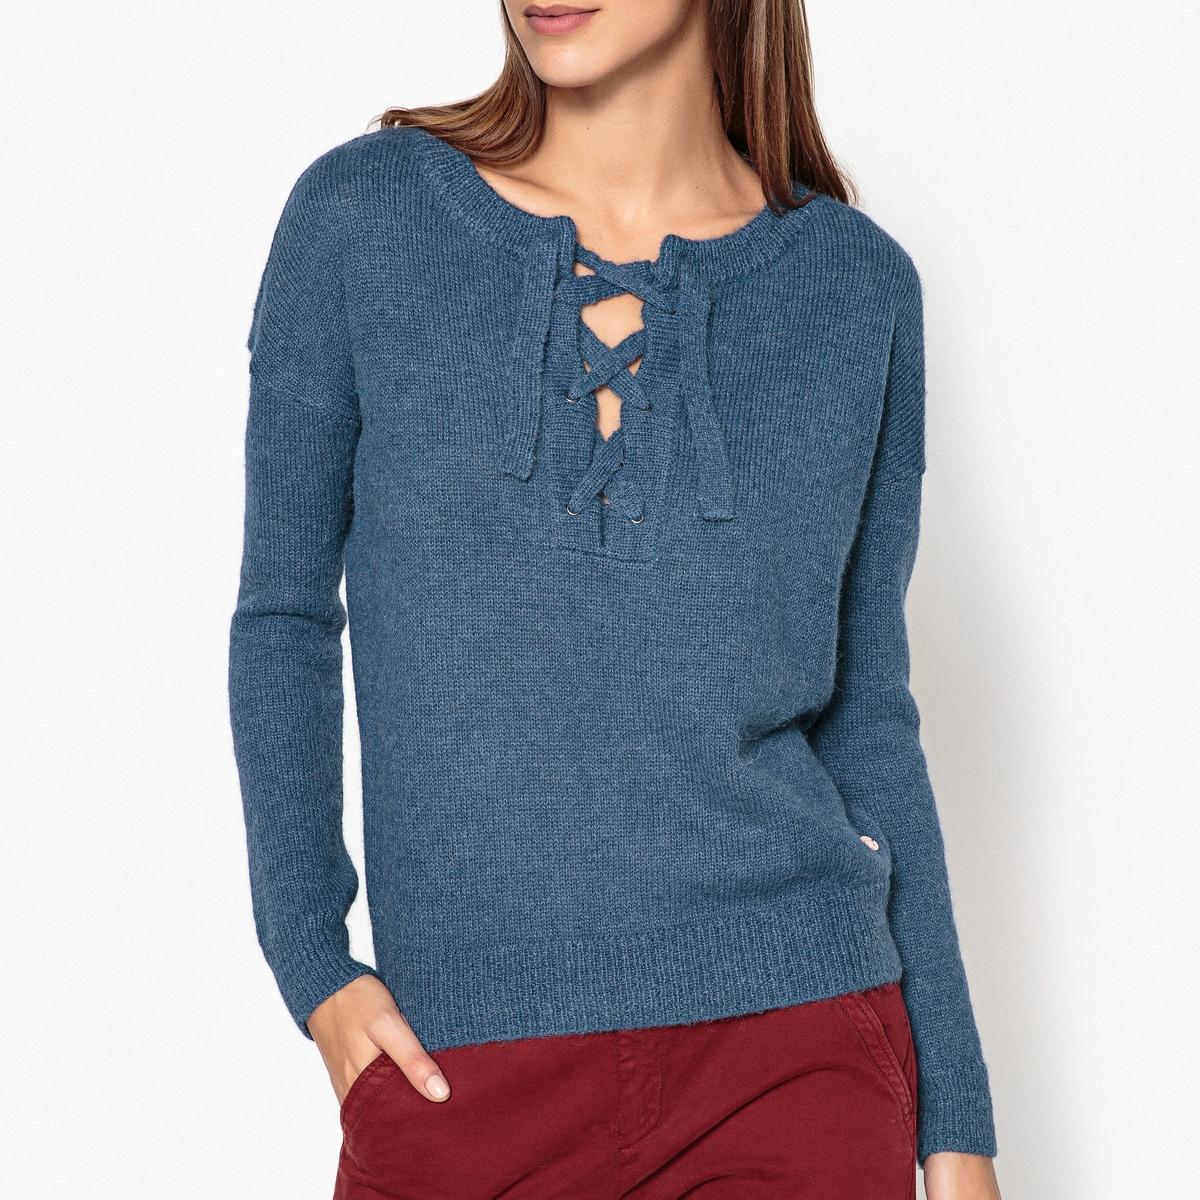 Пуловер MANETTEПуловер HARRIS WILSON - модель MANETTEДетали •  Длинные рукава •  Тунисский вырез •  Тонкий трикотаж Состав и уход •  55% альпаки, 45% полиамида •  Следуйте советам по уходу, указанным на этикетке<br><br>Цвет: синий